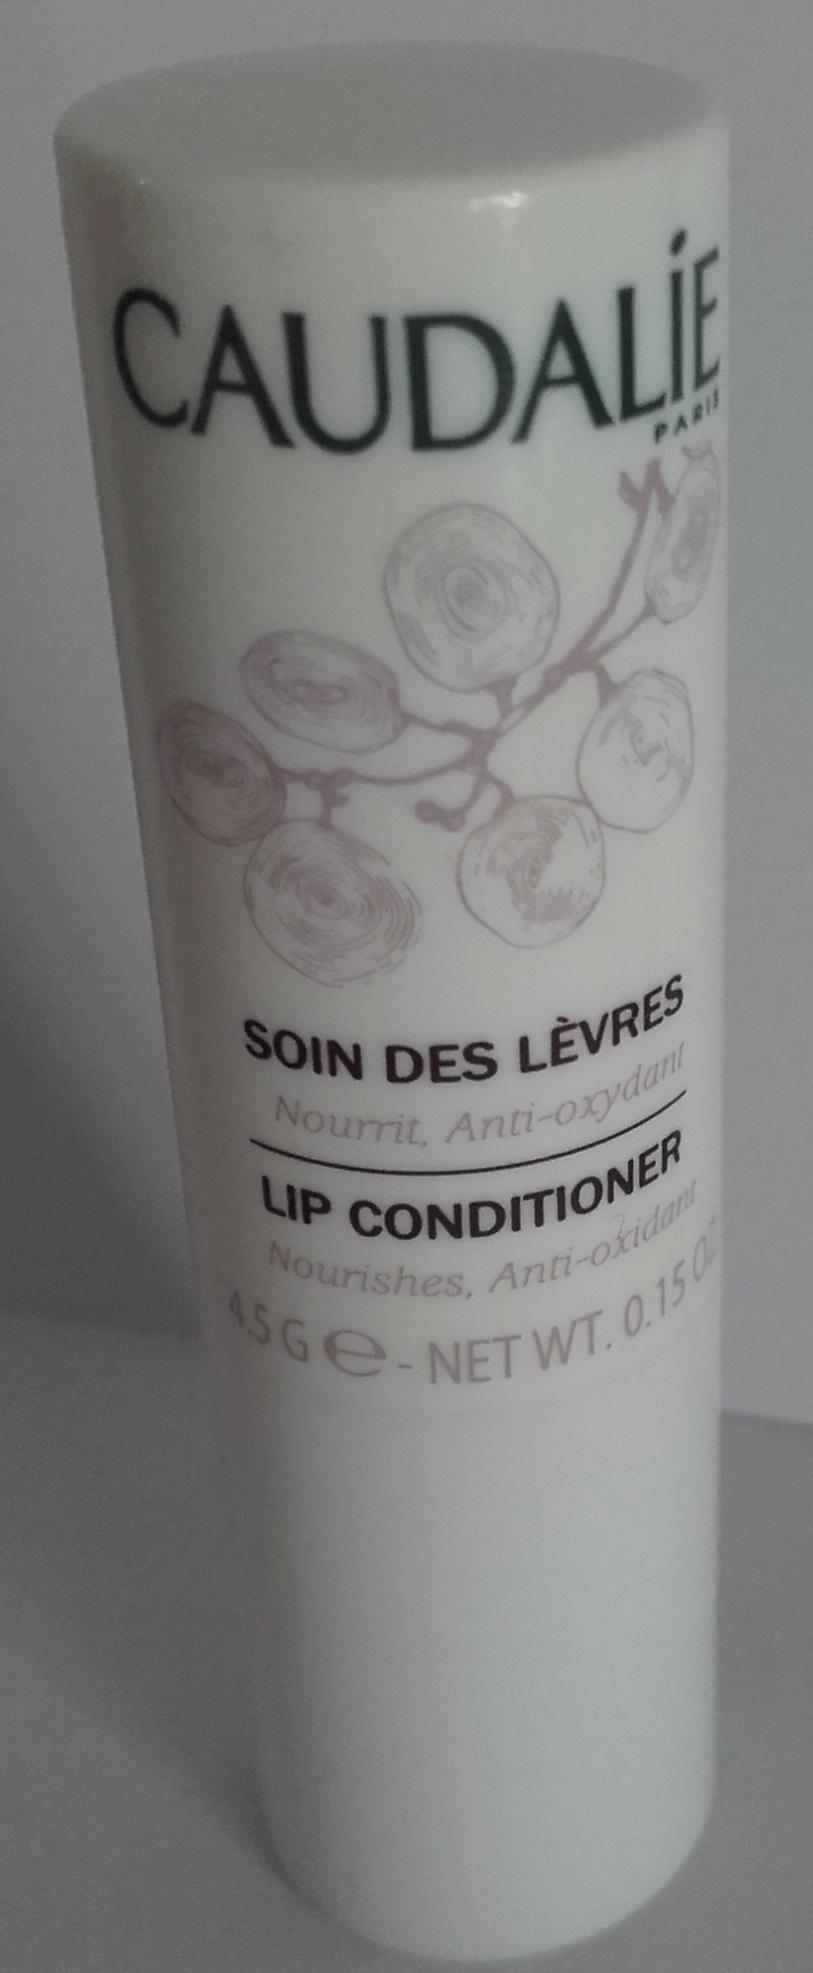 Soin des lèvres - Product - fr